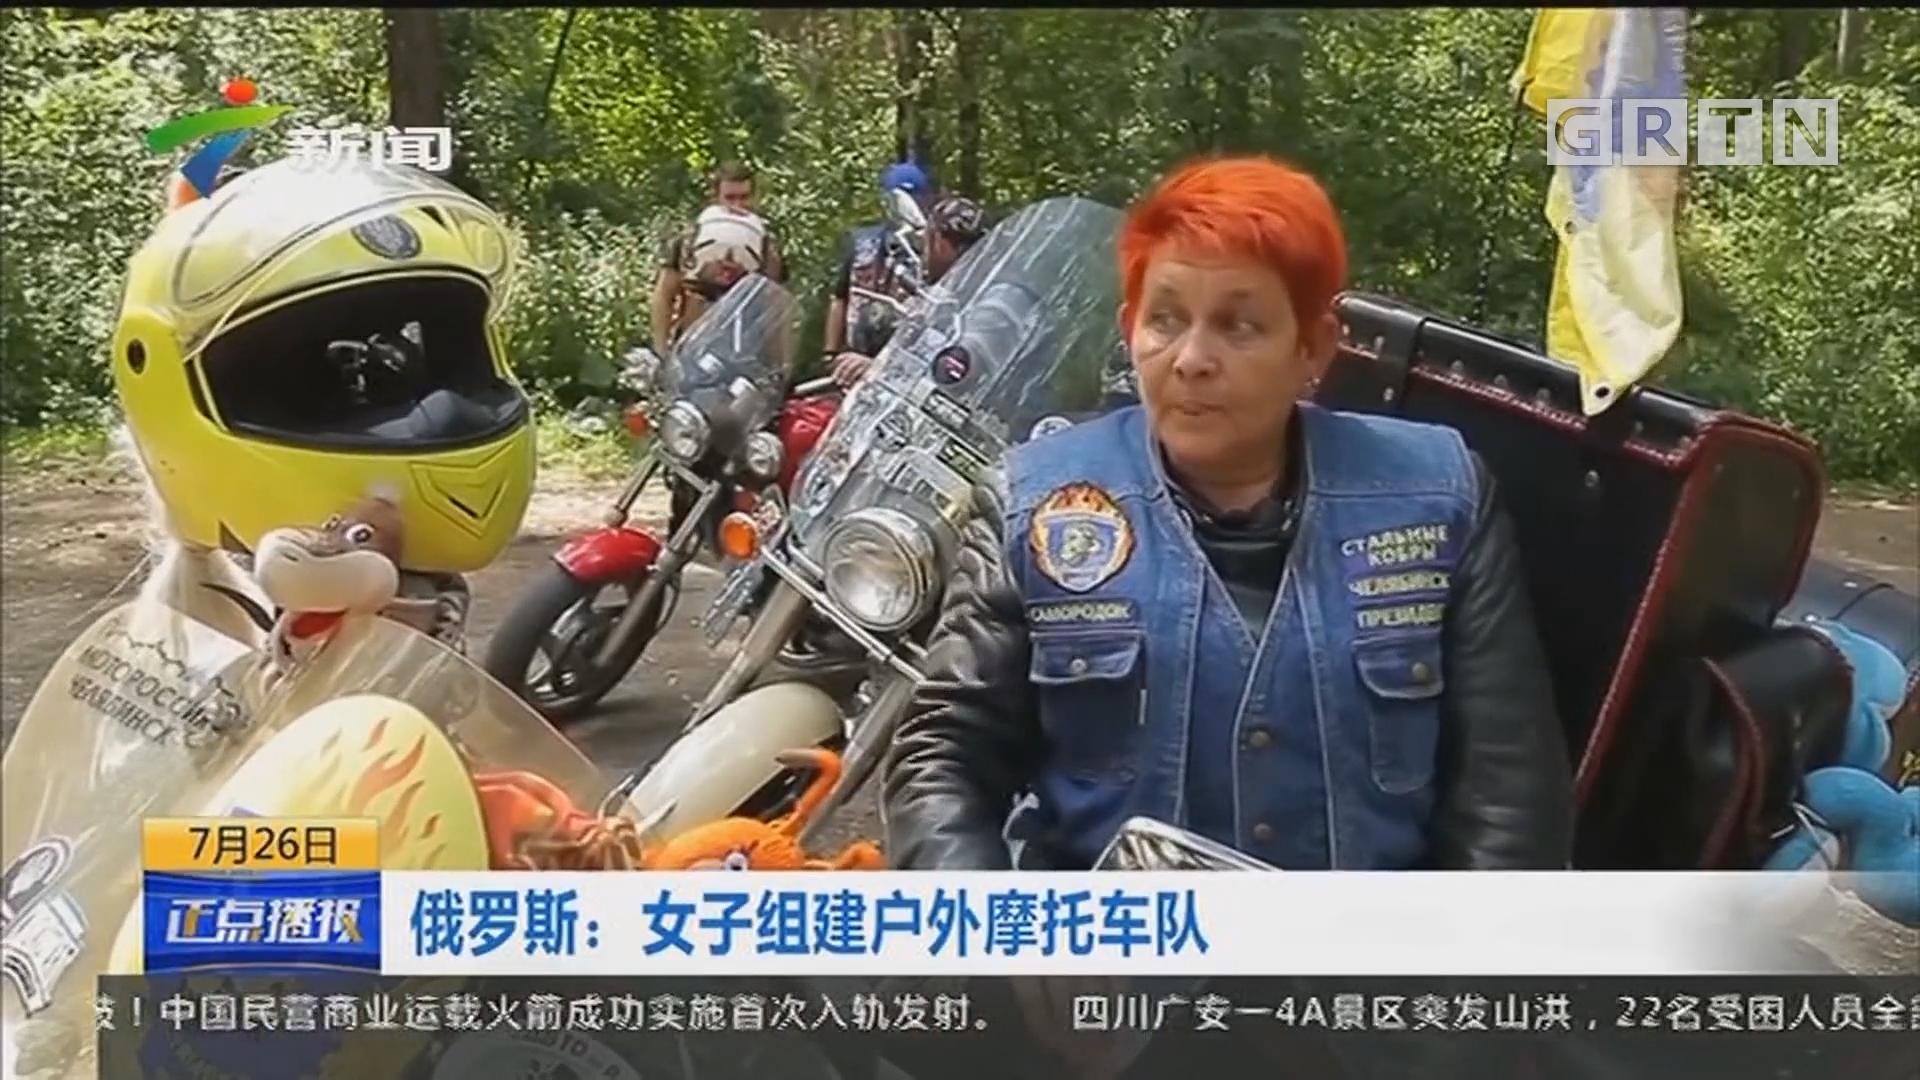 俄罗斯:女子组建户外摩托车队